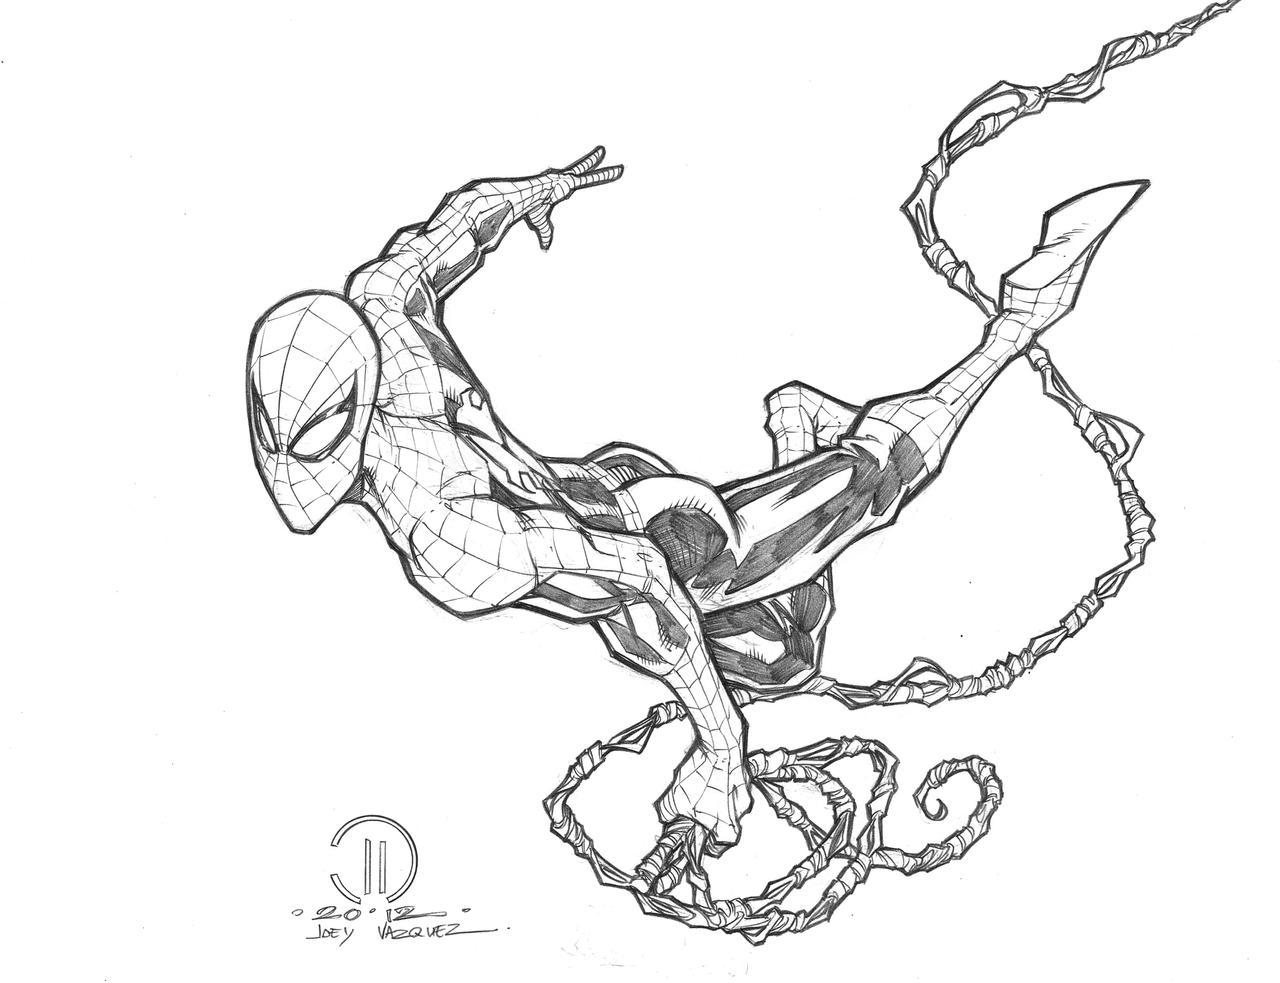 spiderman_swinging_penciles_by_joeyvazquez-d5m0sbe.jpg